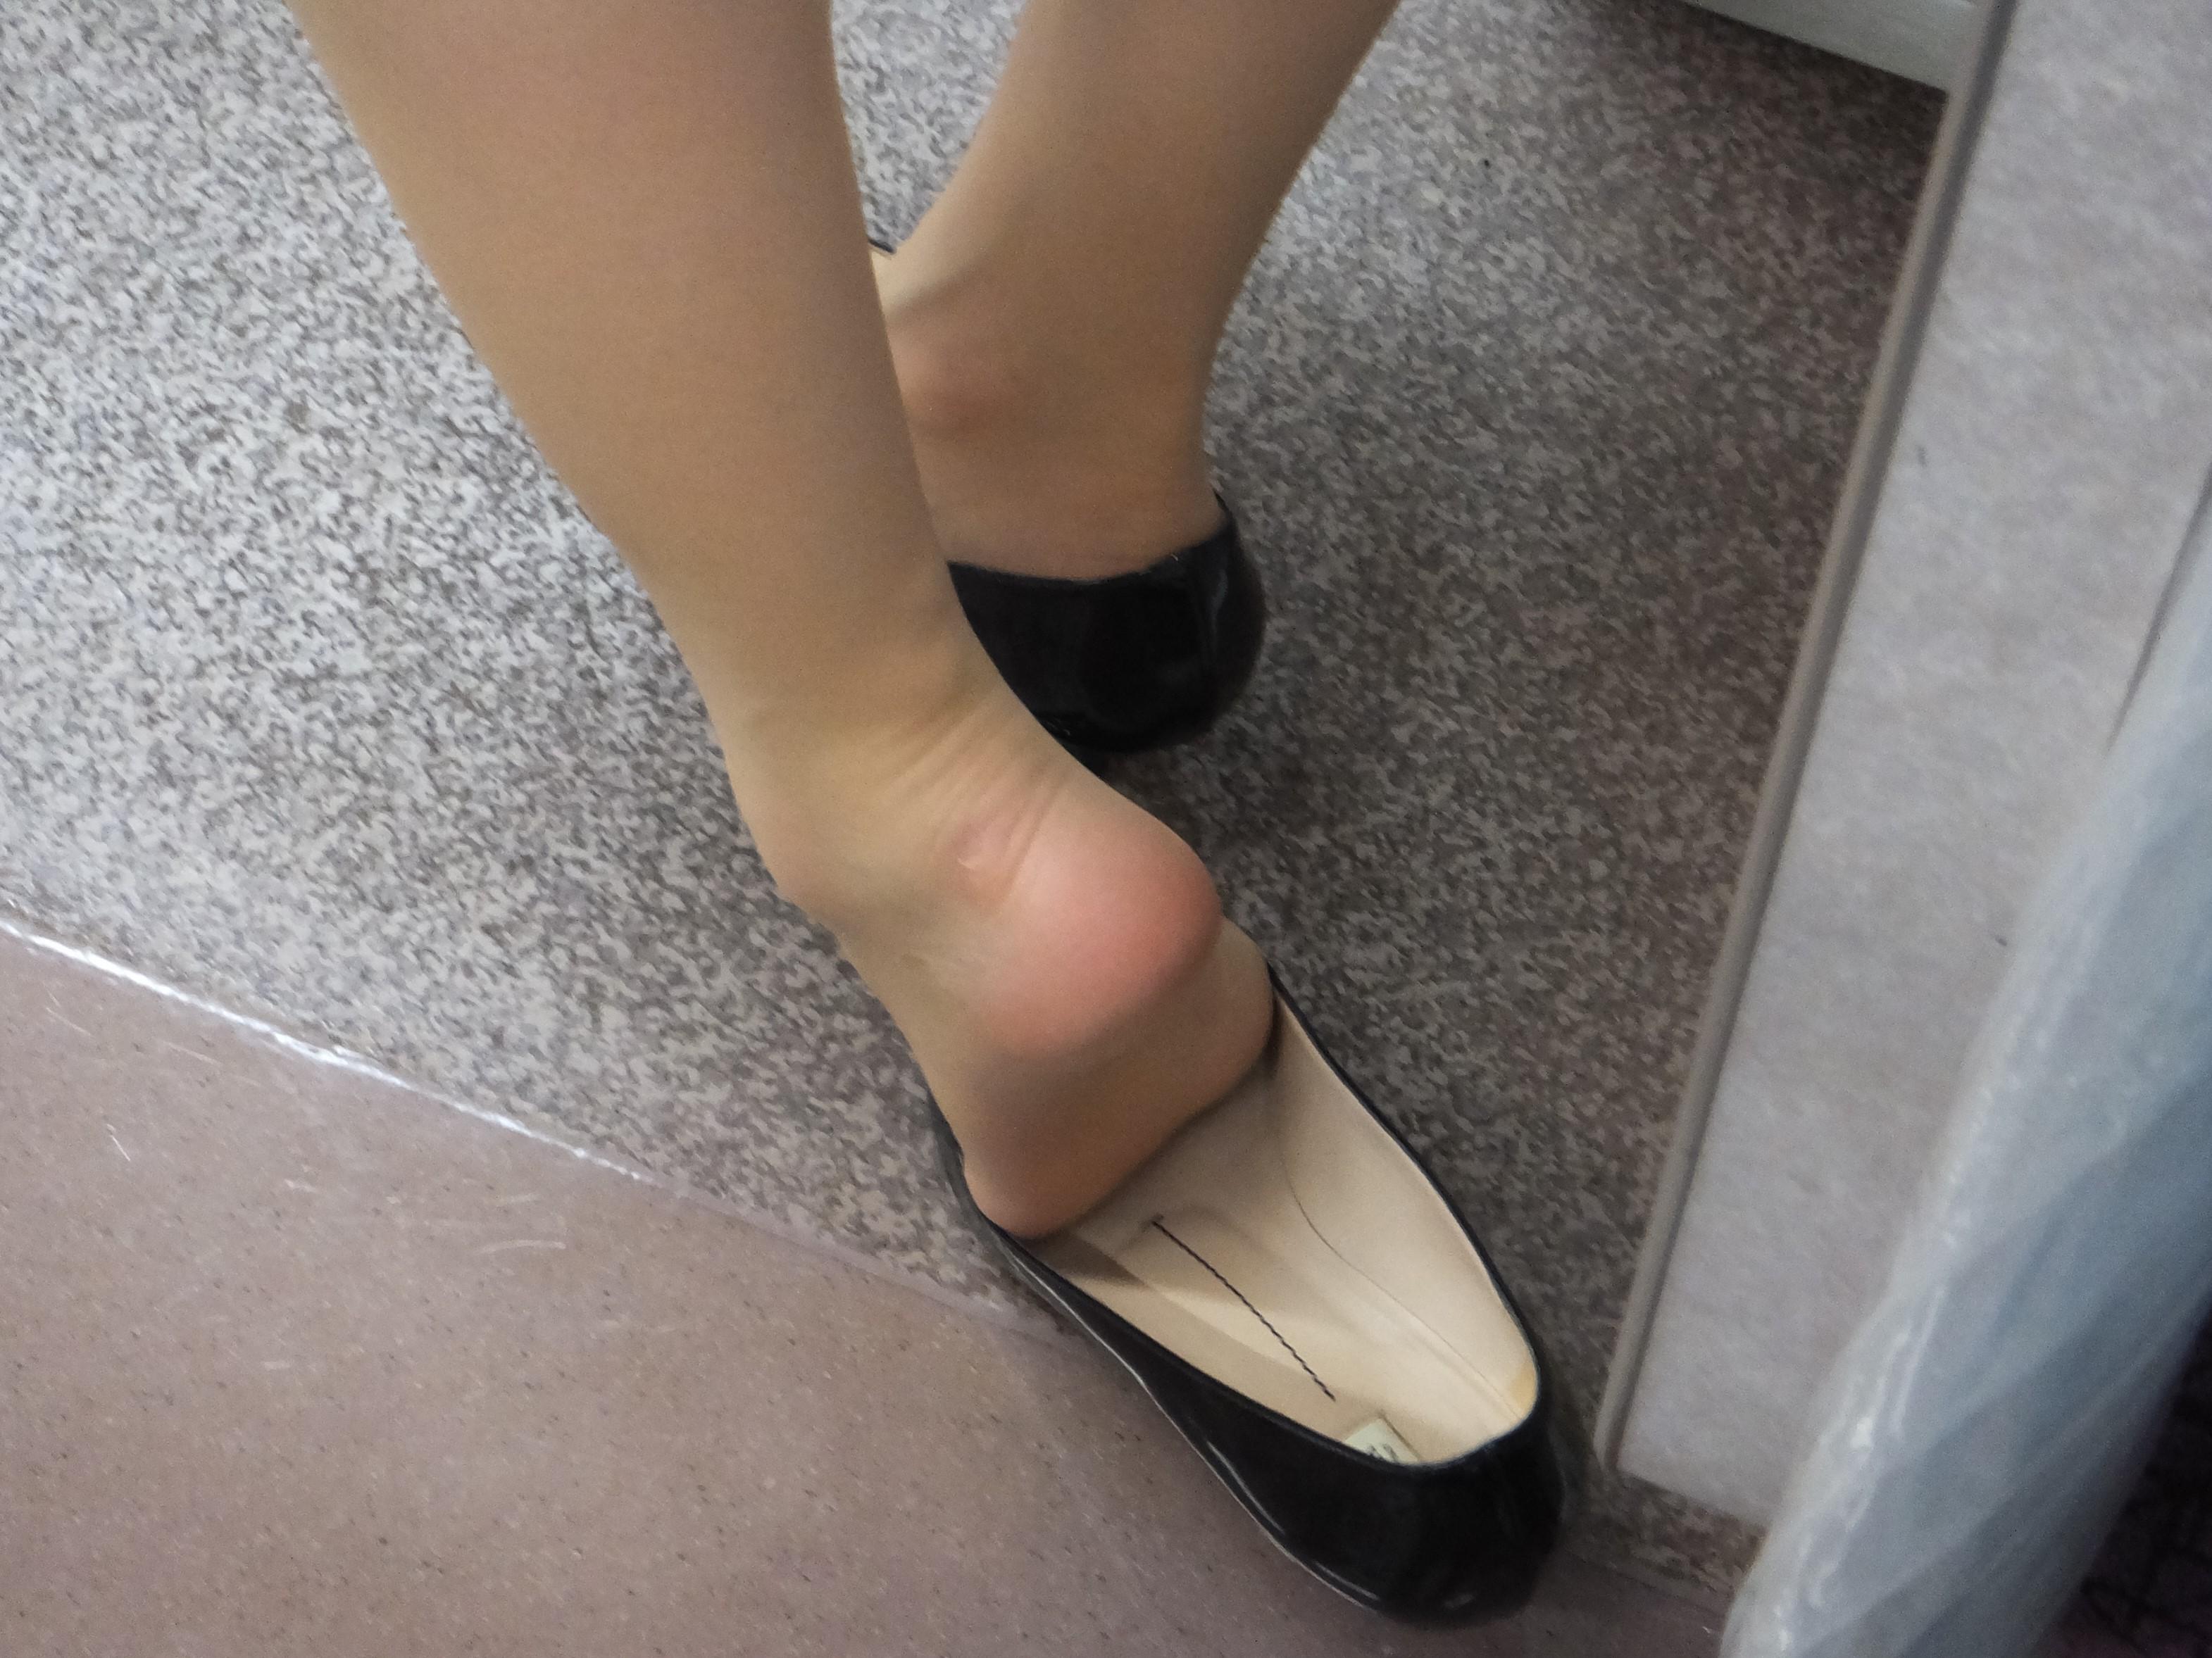 美脚OLが残業疲れでヒールを脱いだパンスト足裏のエロ画像2枚目